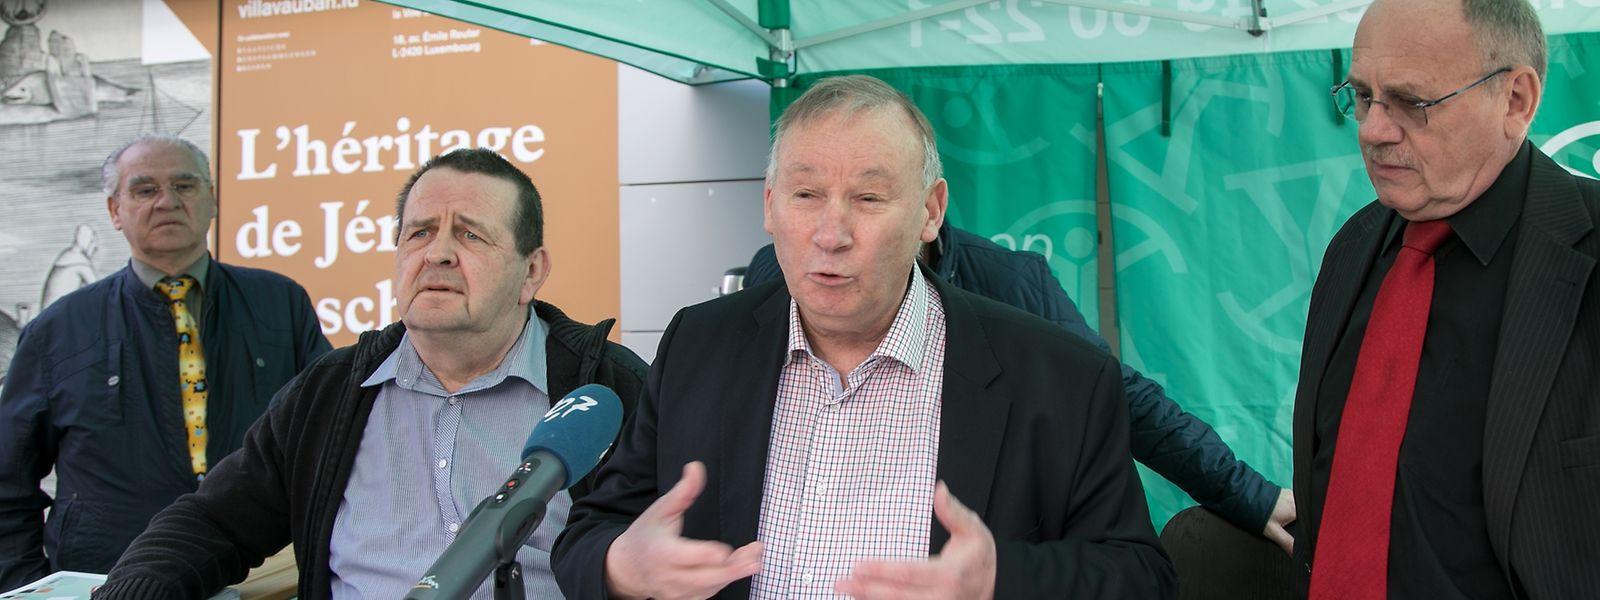 Le président de l'ULC Nico Hoffmann (au micro). L'ULC sera à nouveau Grand-Rue à Luxembourg le mercredi 3 mai dès 10 heures pour rassembler autour de la pétition qui proteste contre la hausse des frais bancaires.